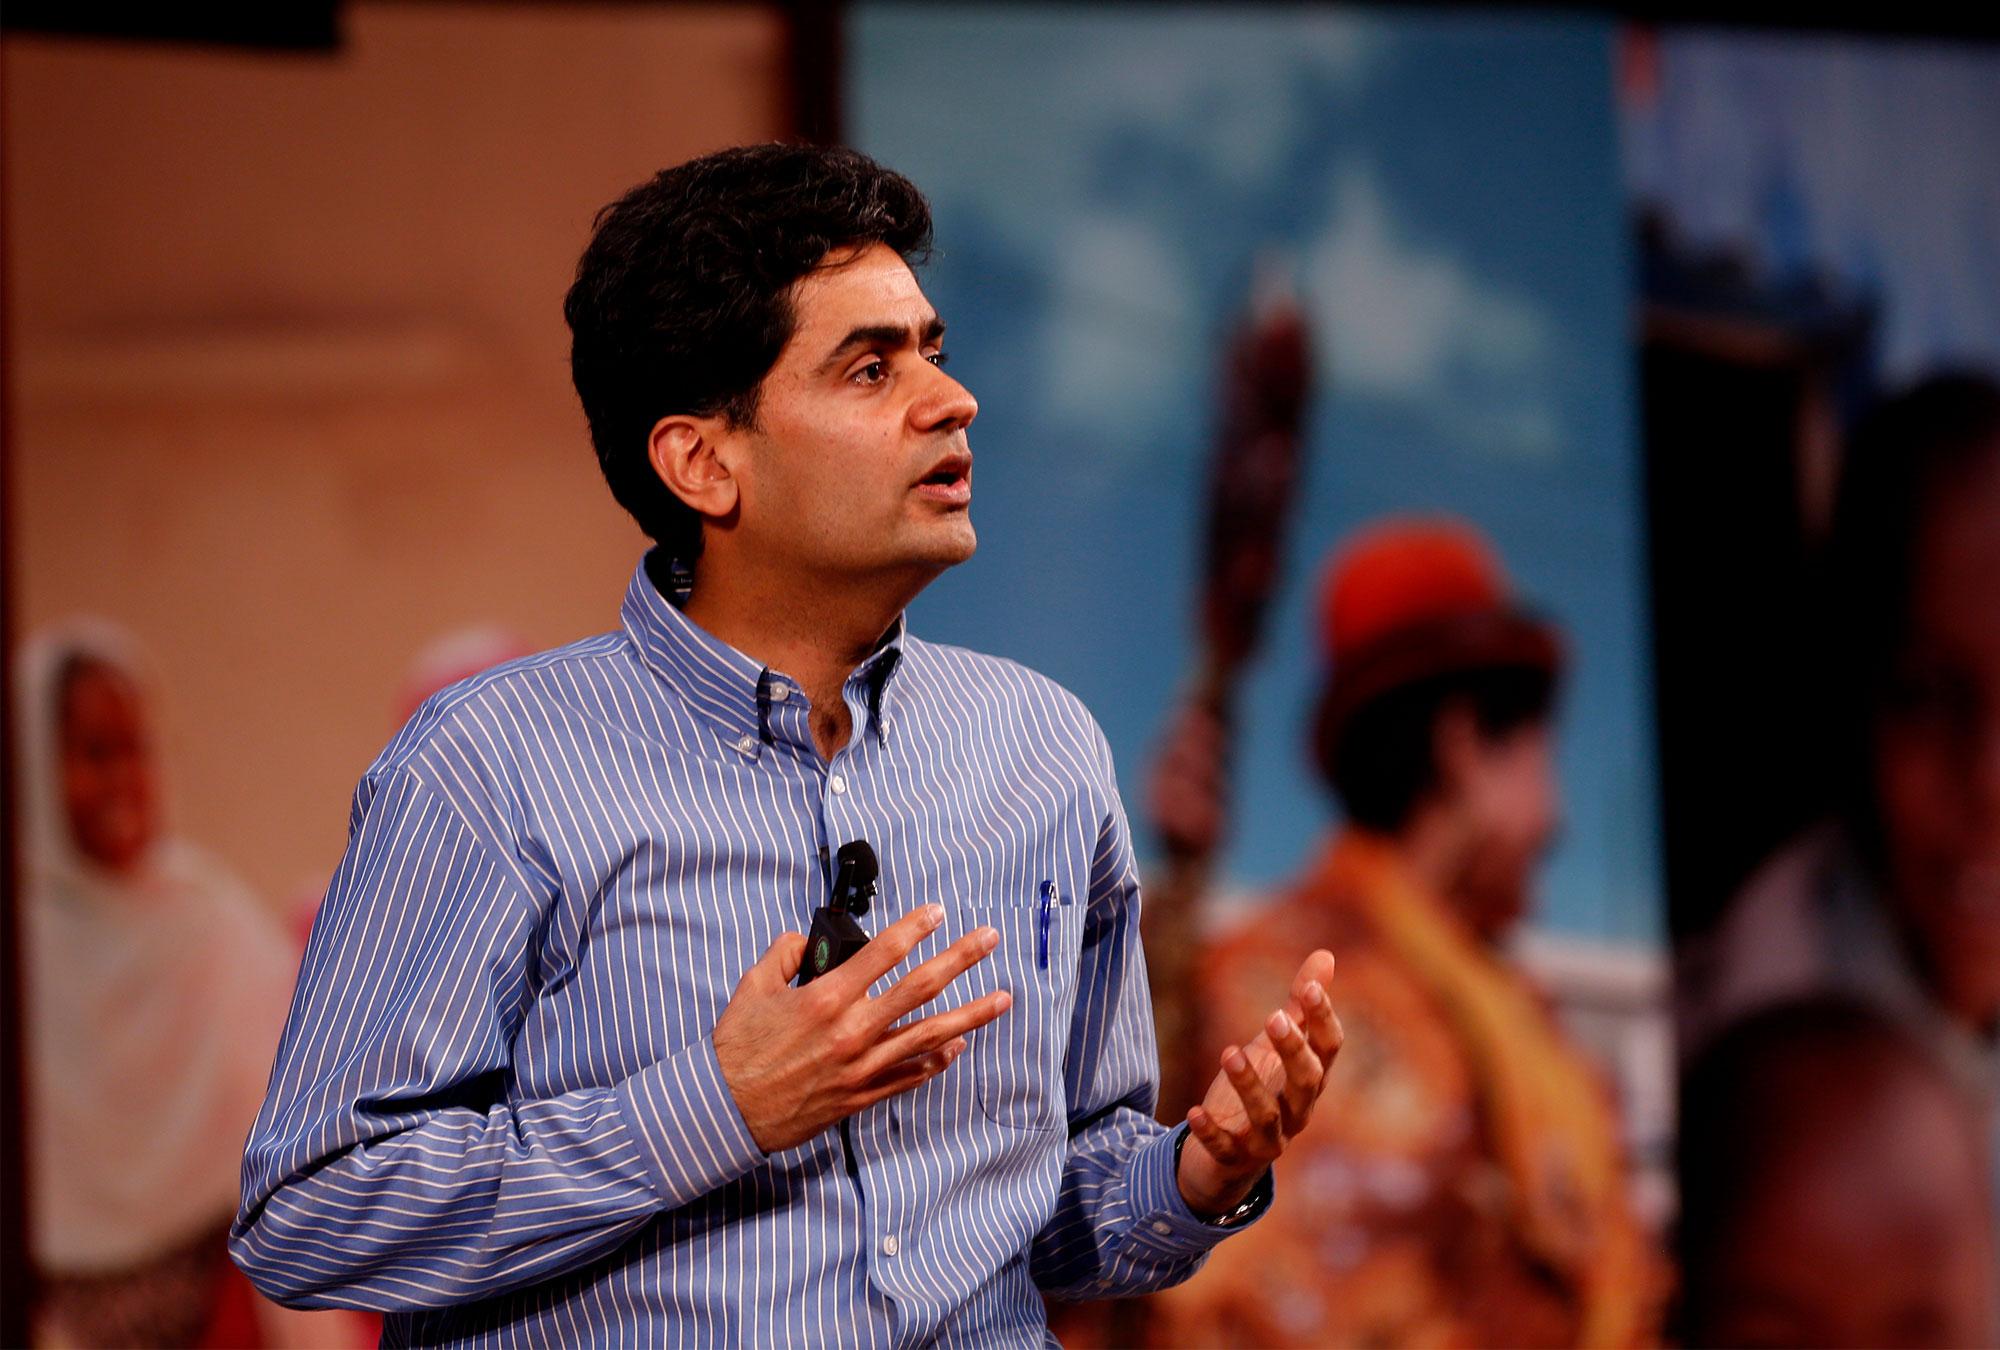 Iqbal Dhaliwal presenting